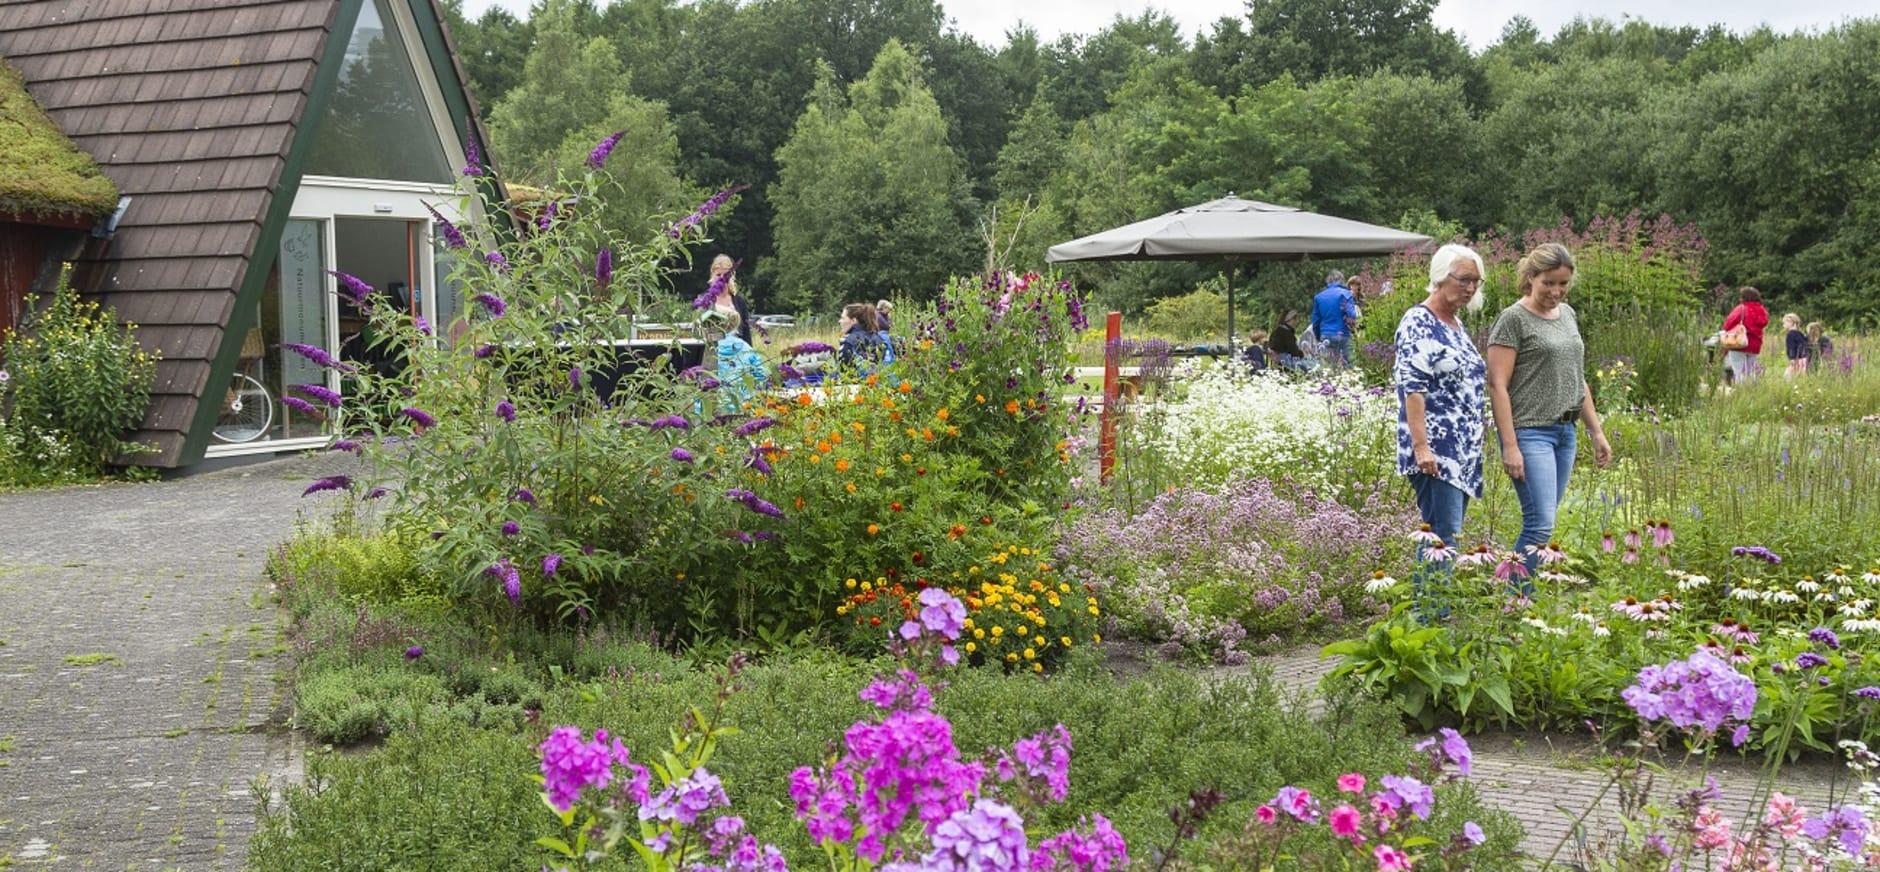 Vlindertuin bezoekerscentrum Dwingelderveld